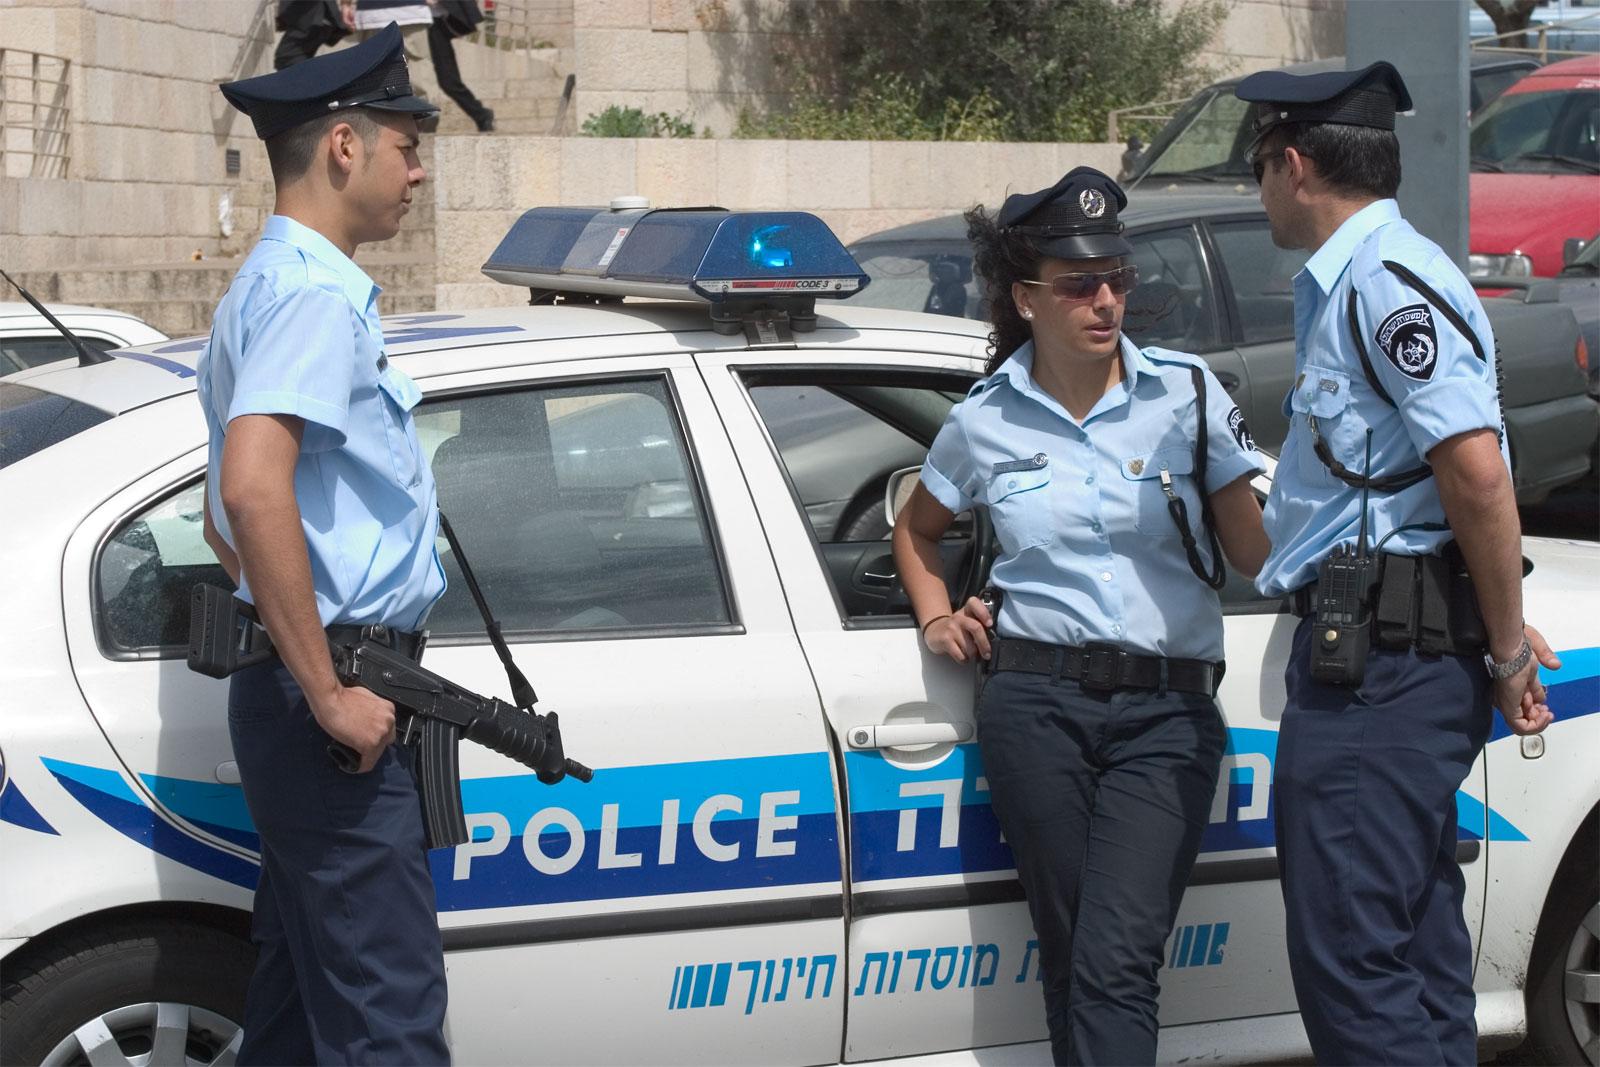 اعتقال قاصرين من وادي الحمام بشبهة البصق وإلقاء الحجارة على الشرطة